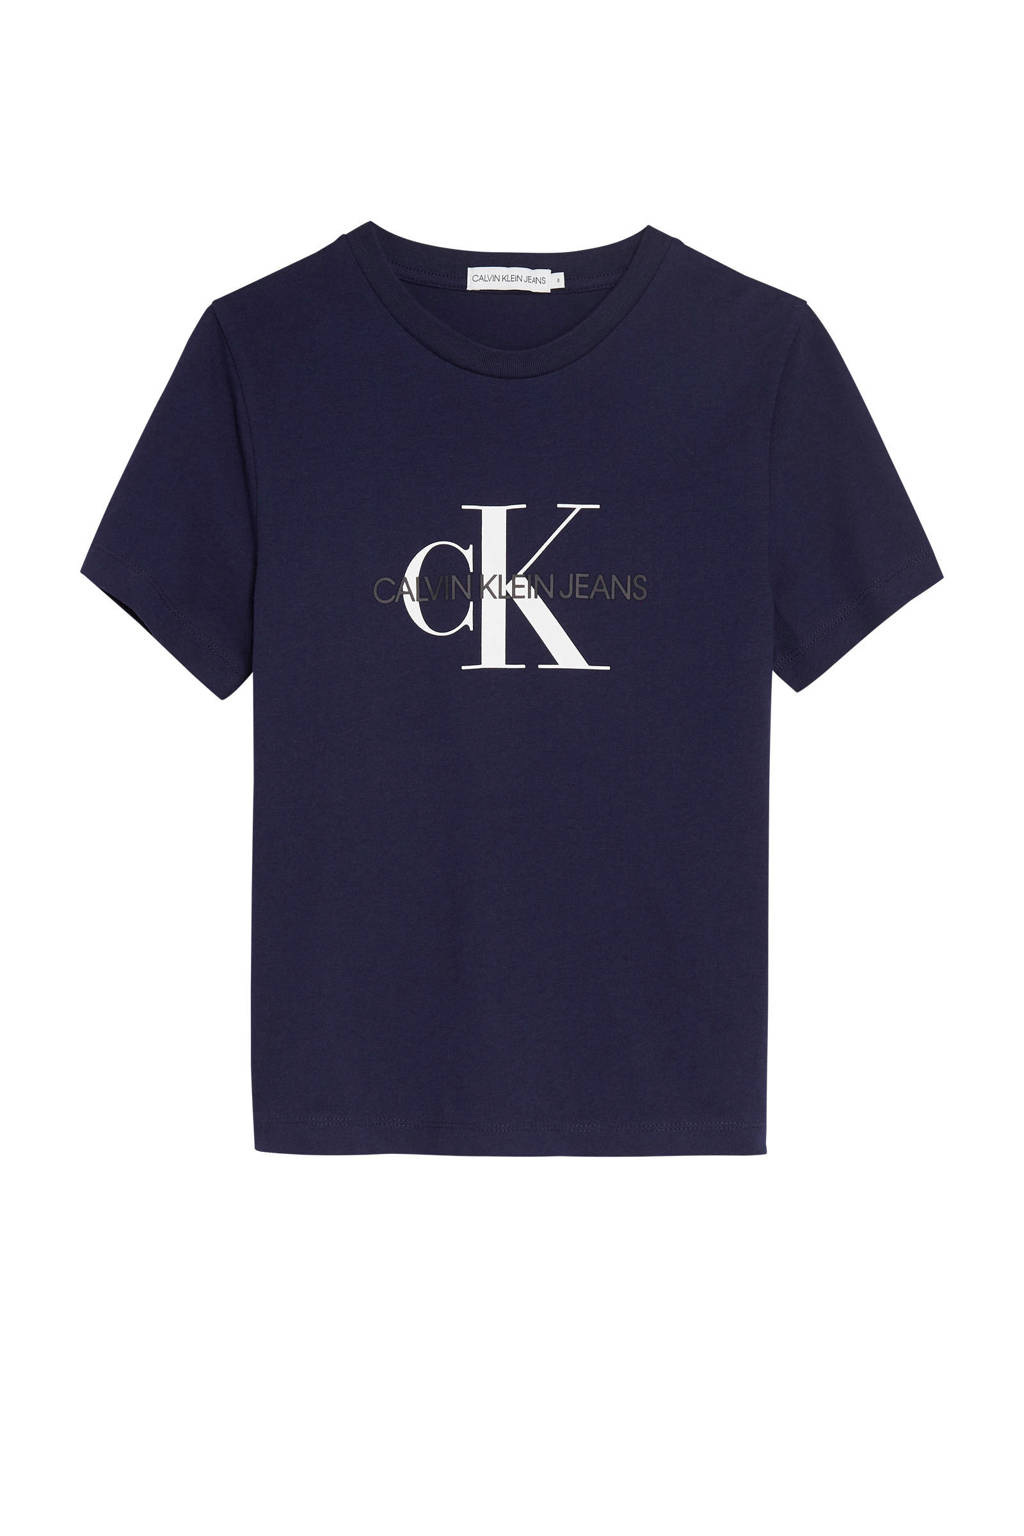 CALVIN KLEIN JEANS T-shirt van biologisch katoen donkerblauw/zwart/wit, Donkerblauw/zwart/wit